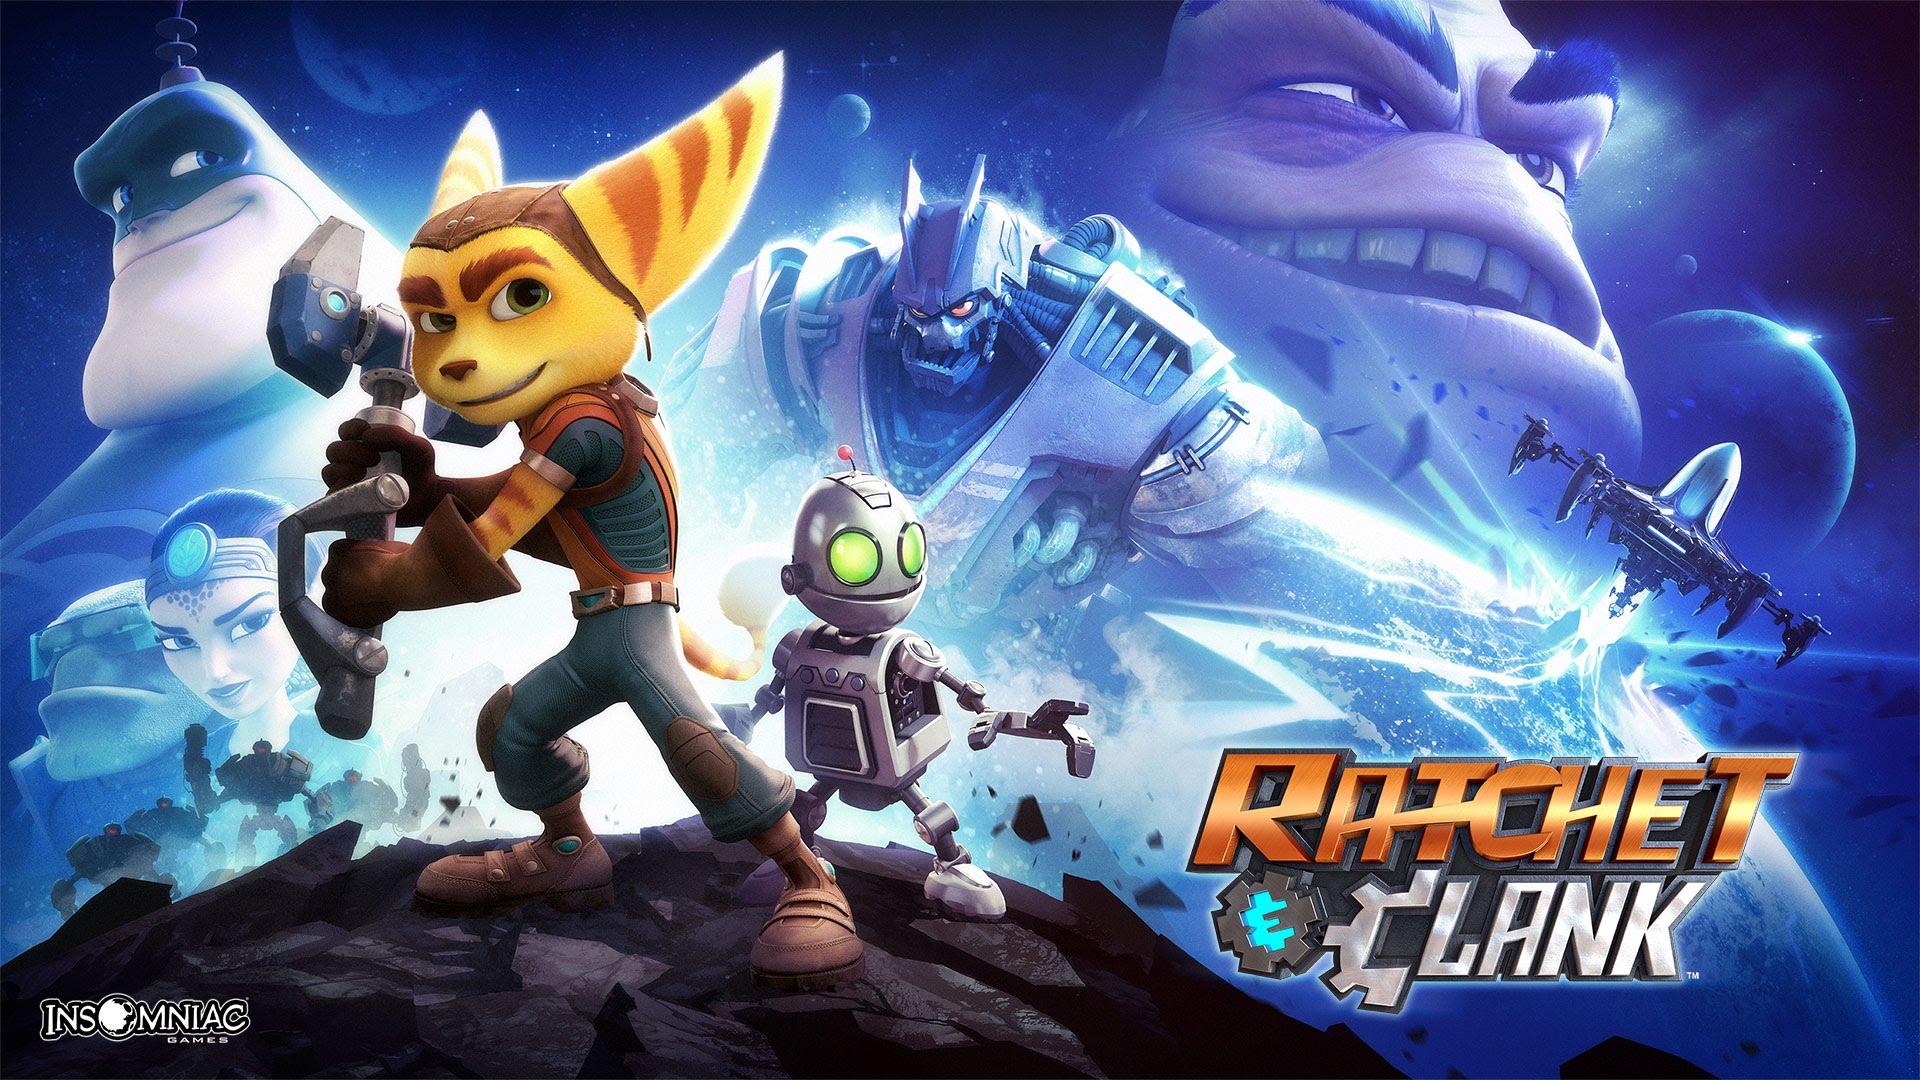 Ratchet & Clank sur PS4 s'offre un superbe remake du premier opus sortit en 2002